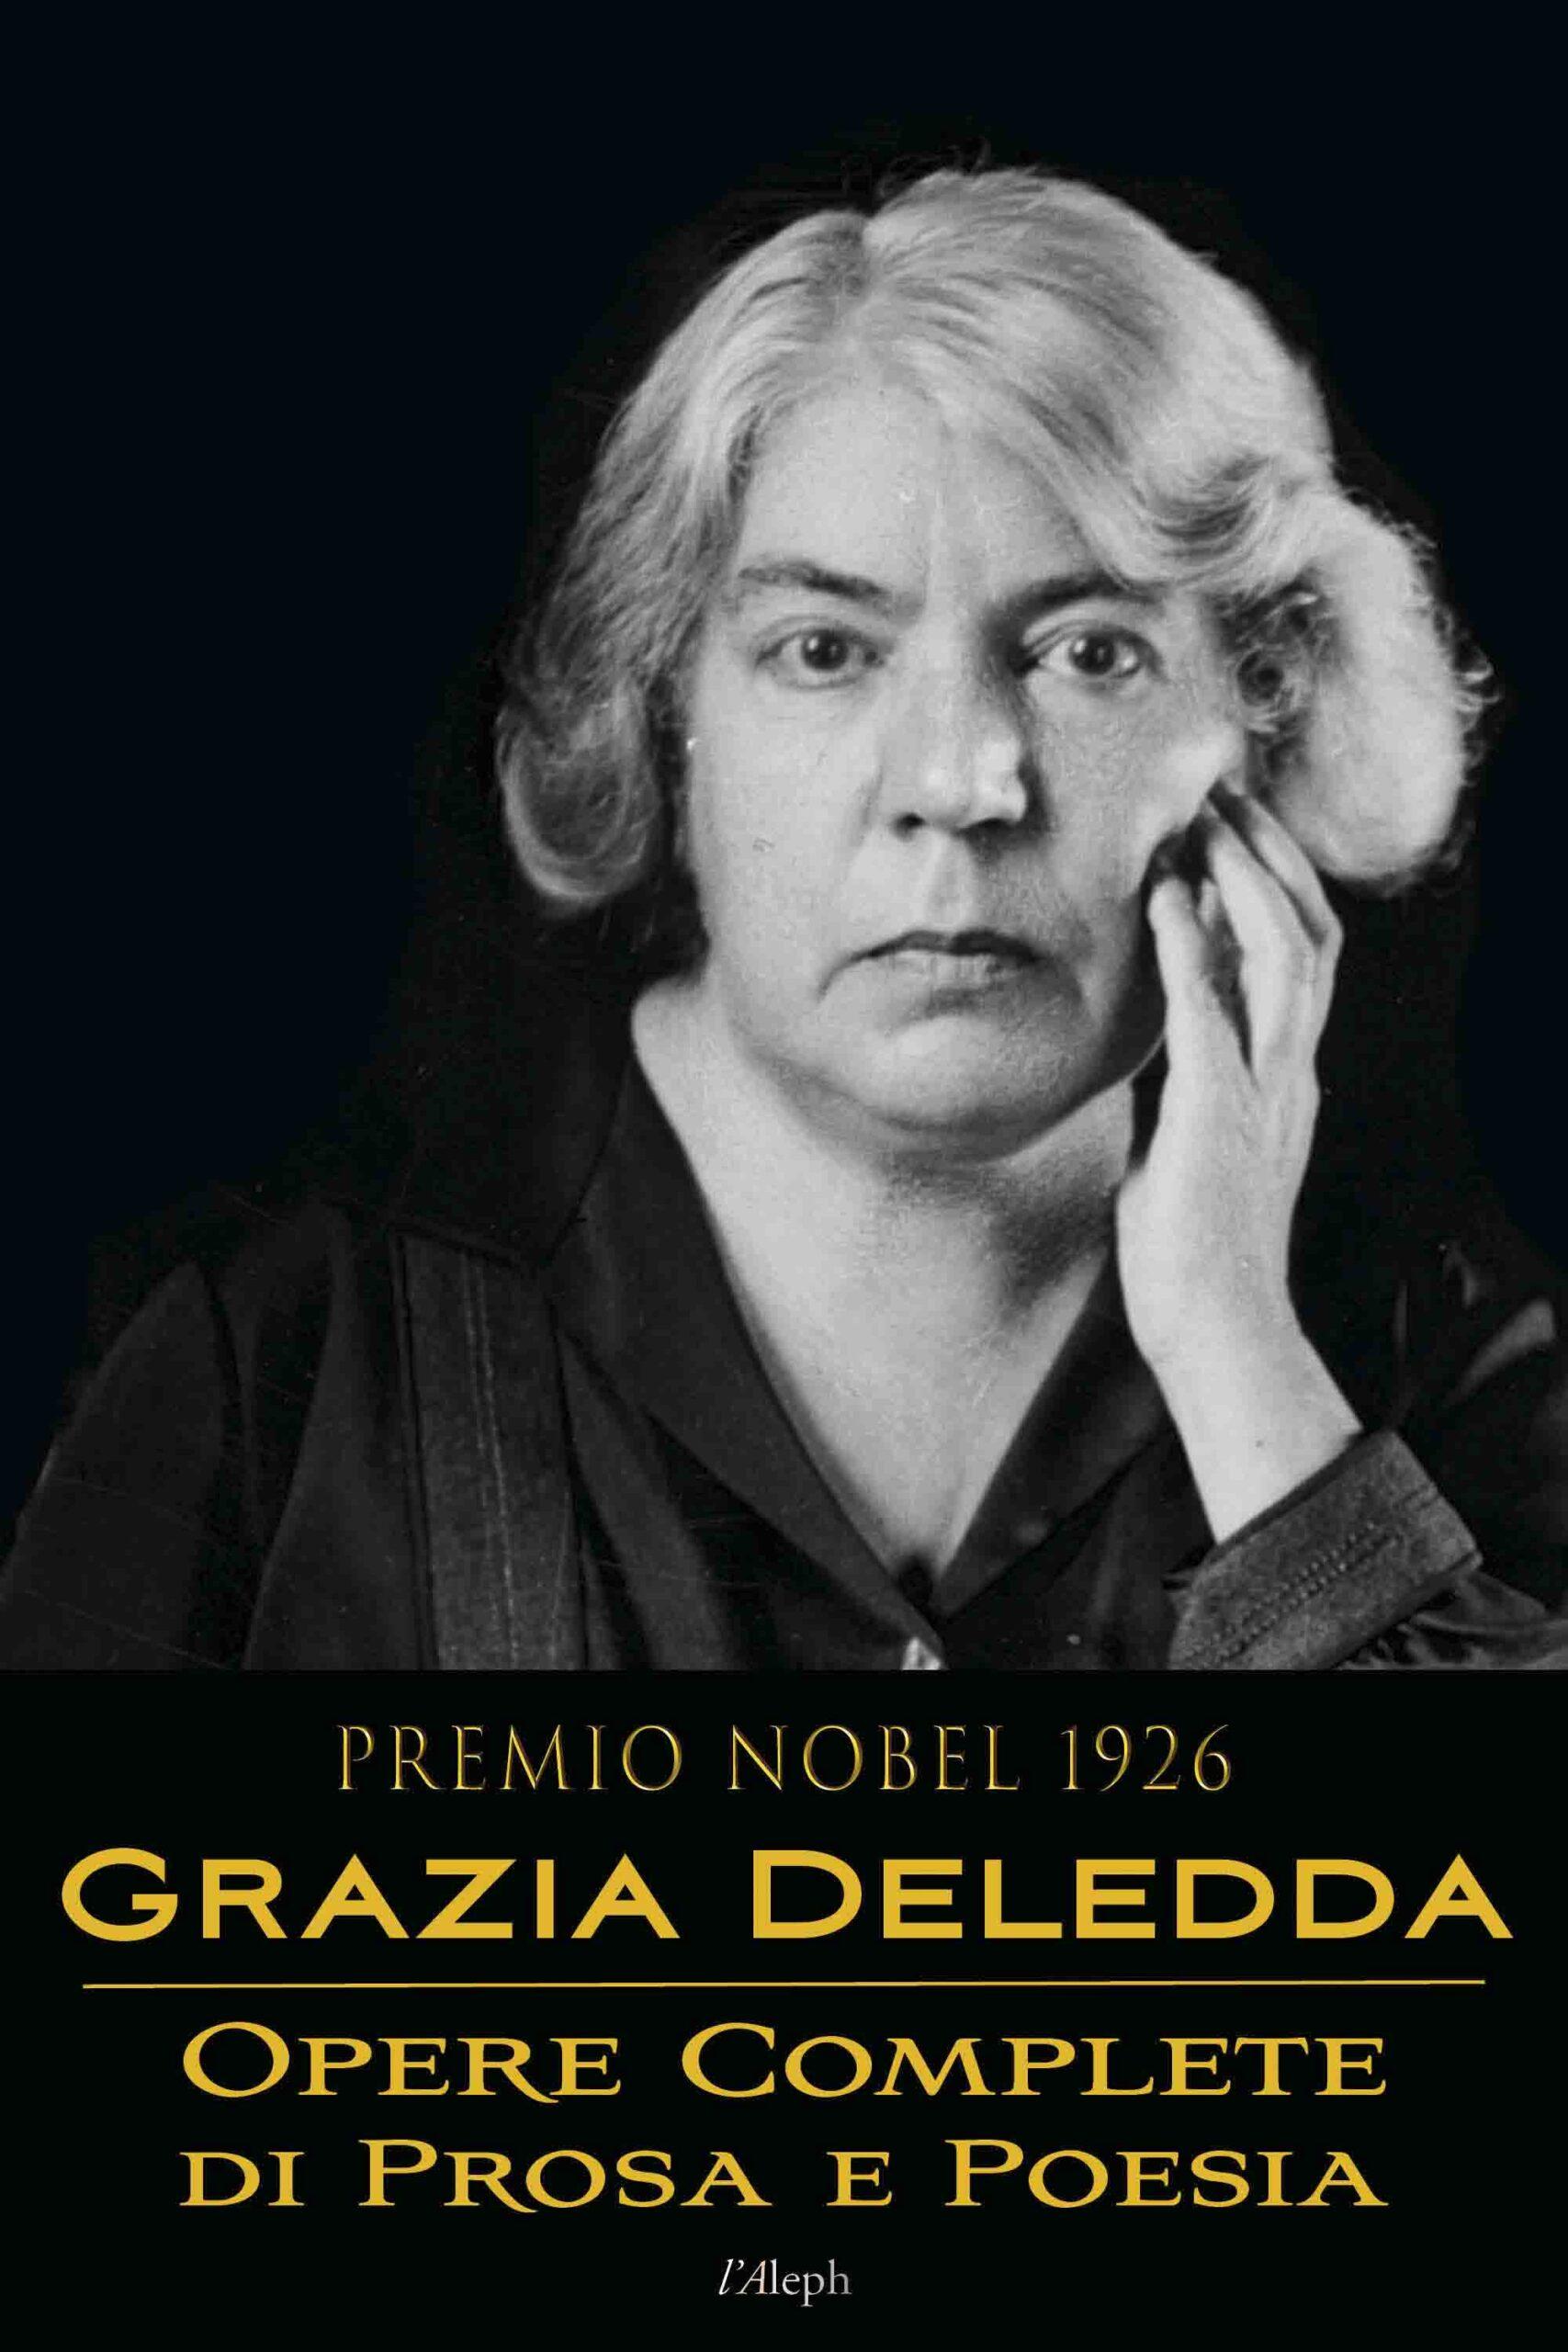 Grazia Deledda: Opere complete di prosa e poesia